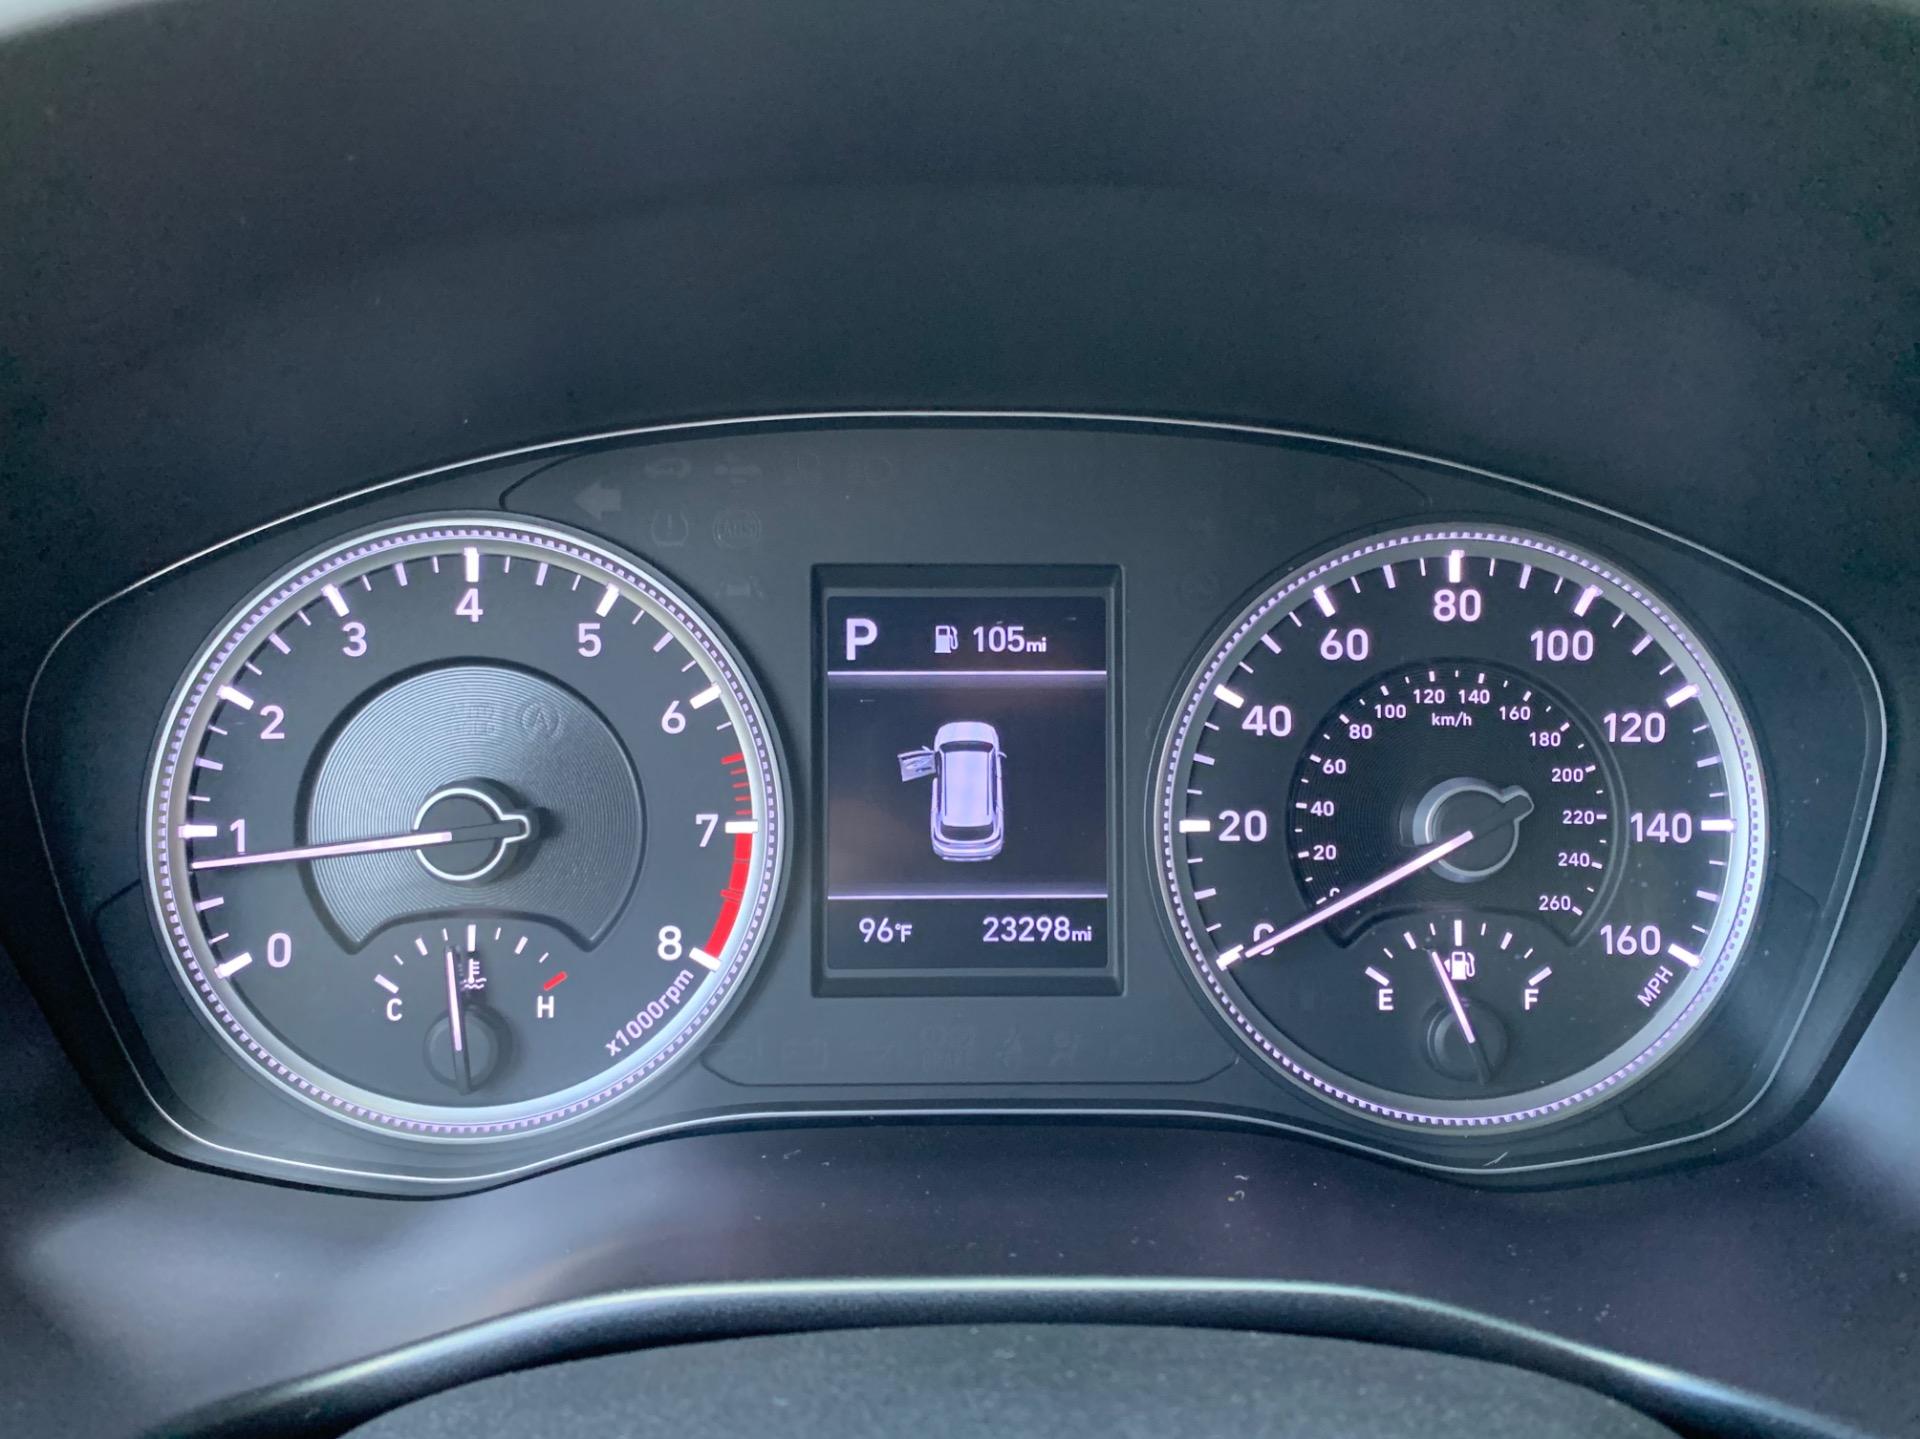 Used-2019-Hyundai-Santa-Fe-SE-24L